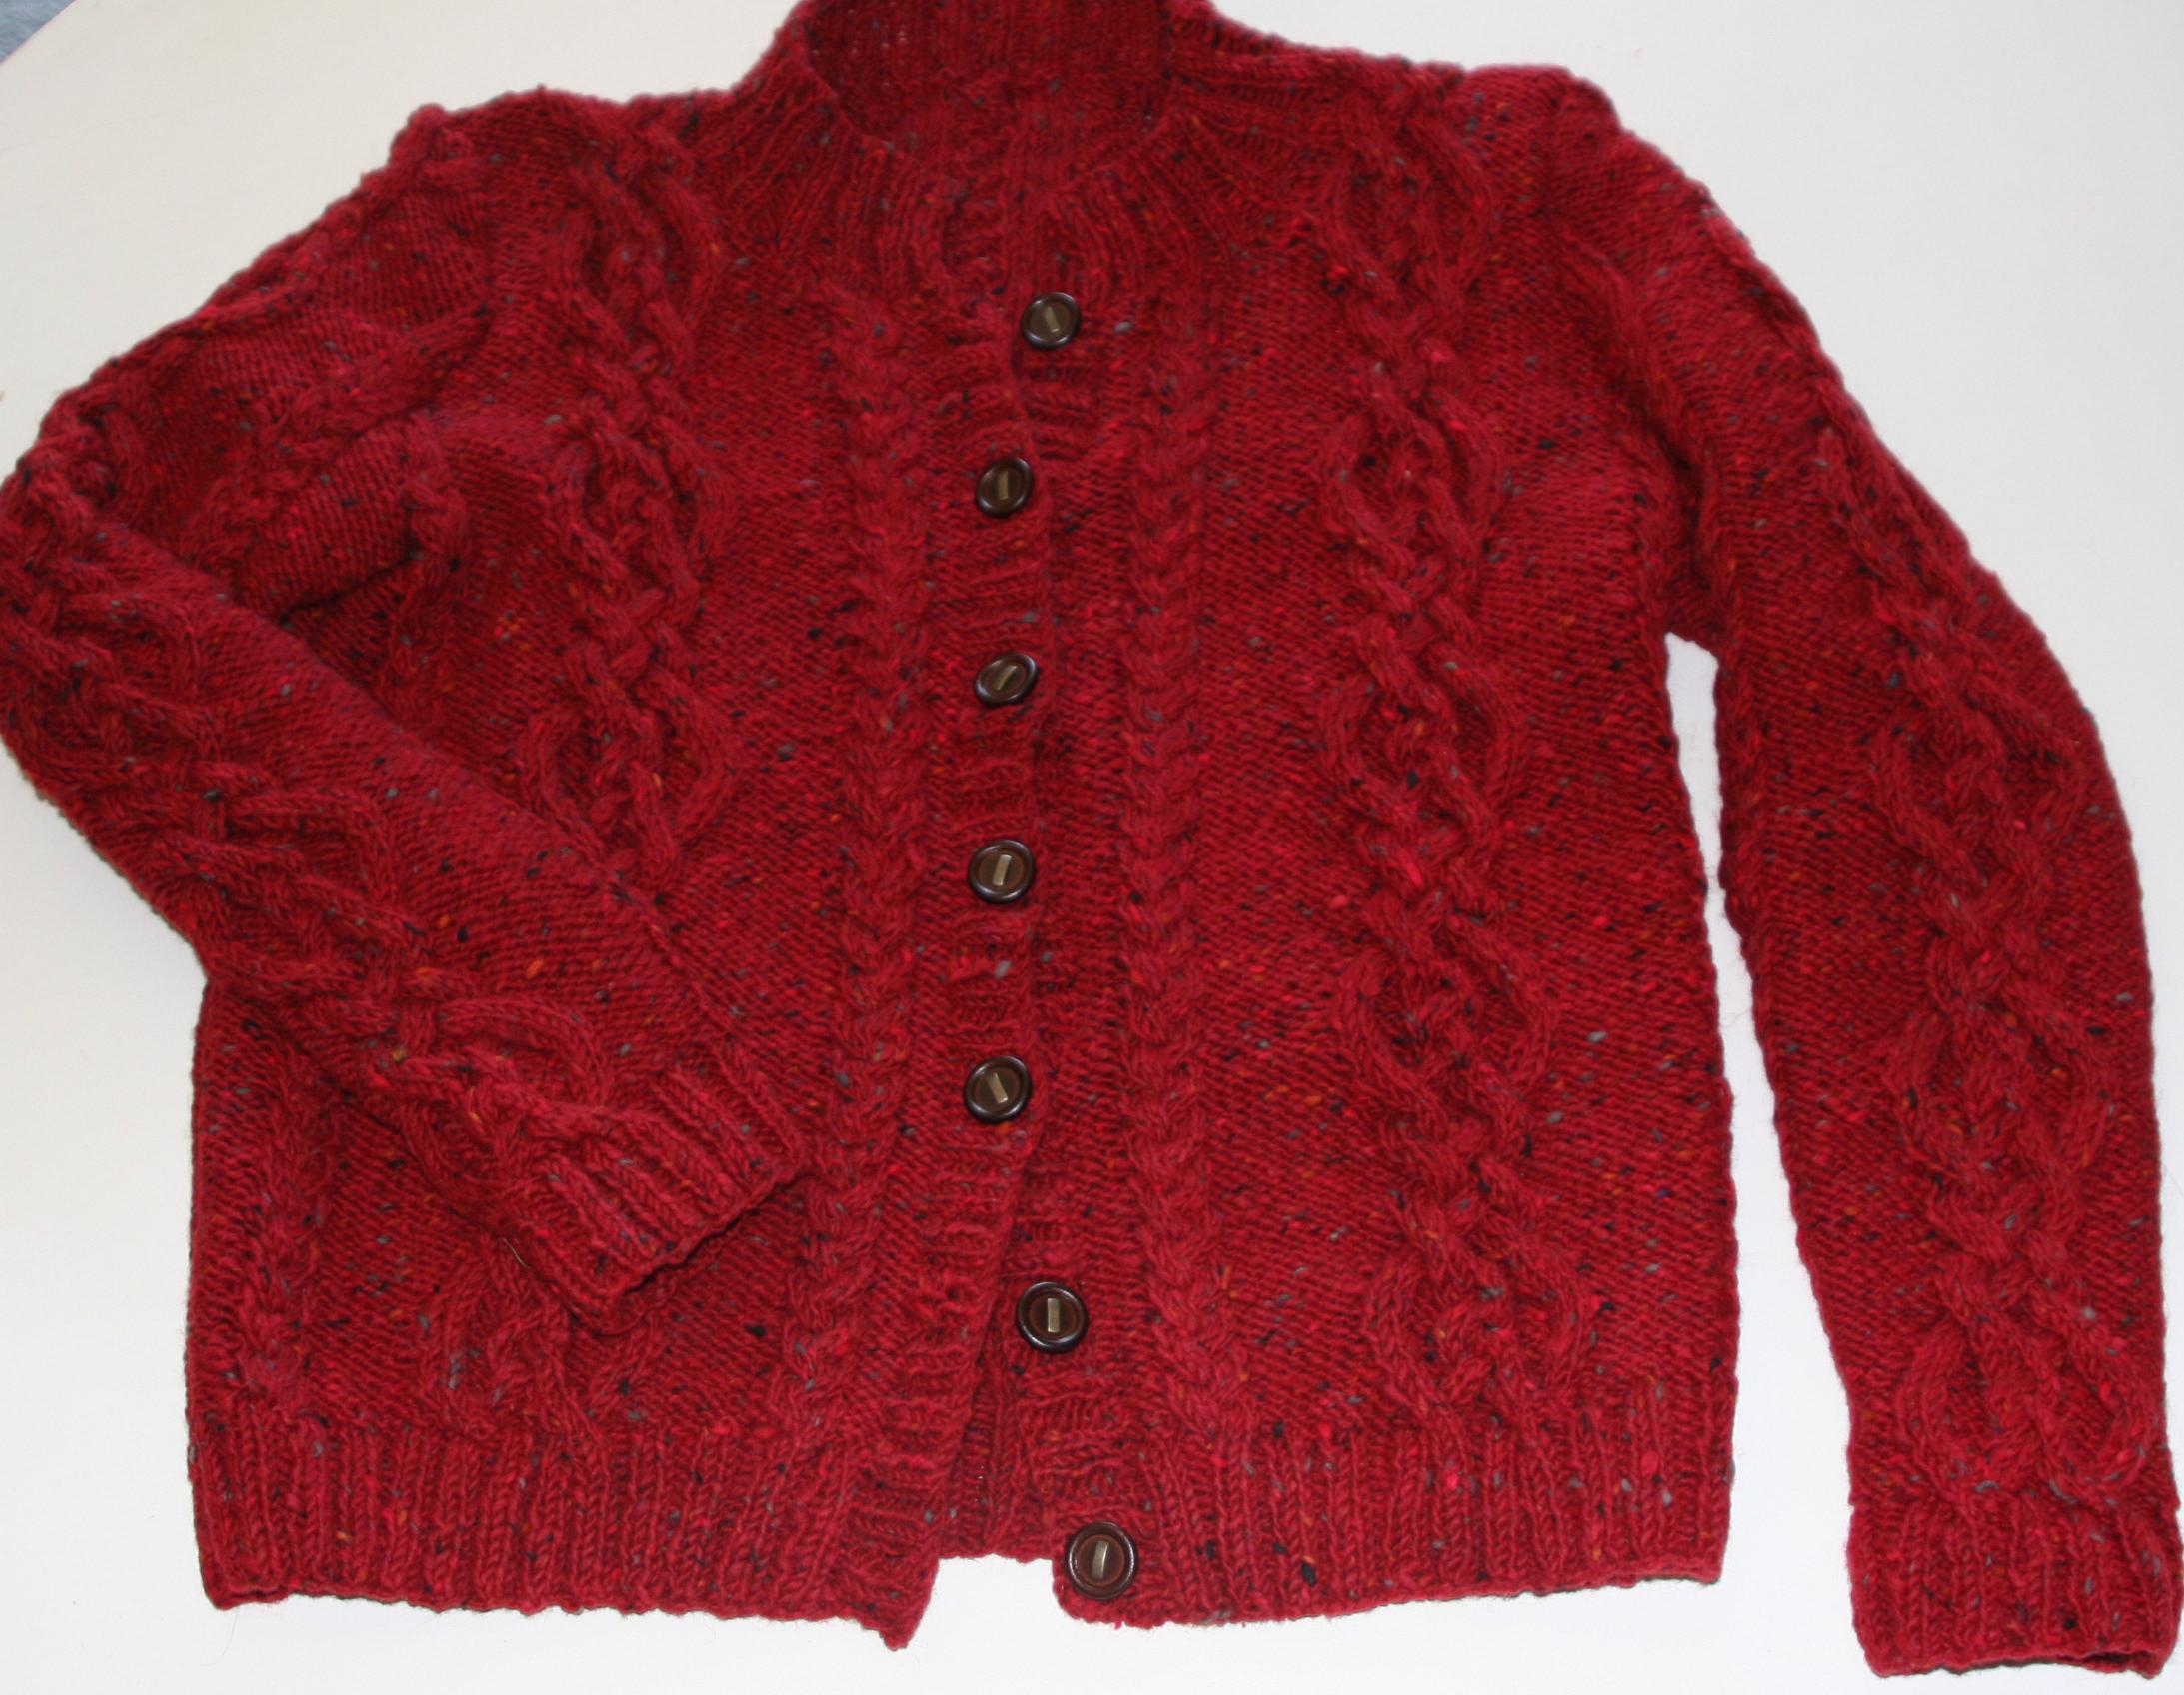 """Red Tweed Cardigan – Tweed by Nancy J. Thomas – """"Isle of Skye Jacket"""" knitted in Tahki Yards Donegal Tweed, Color: red 863"""